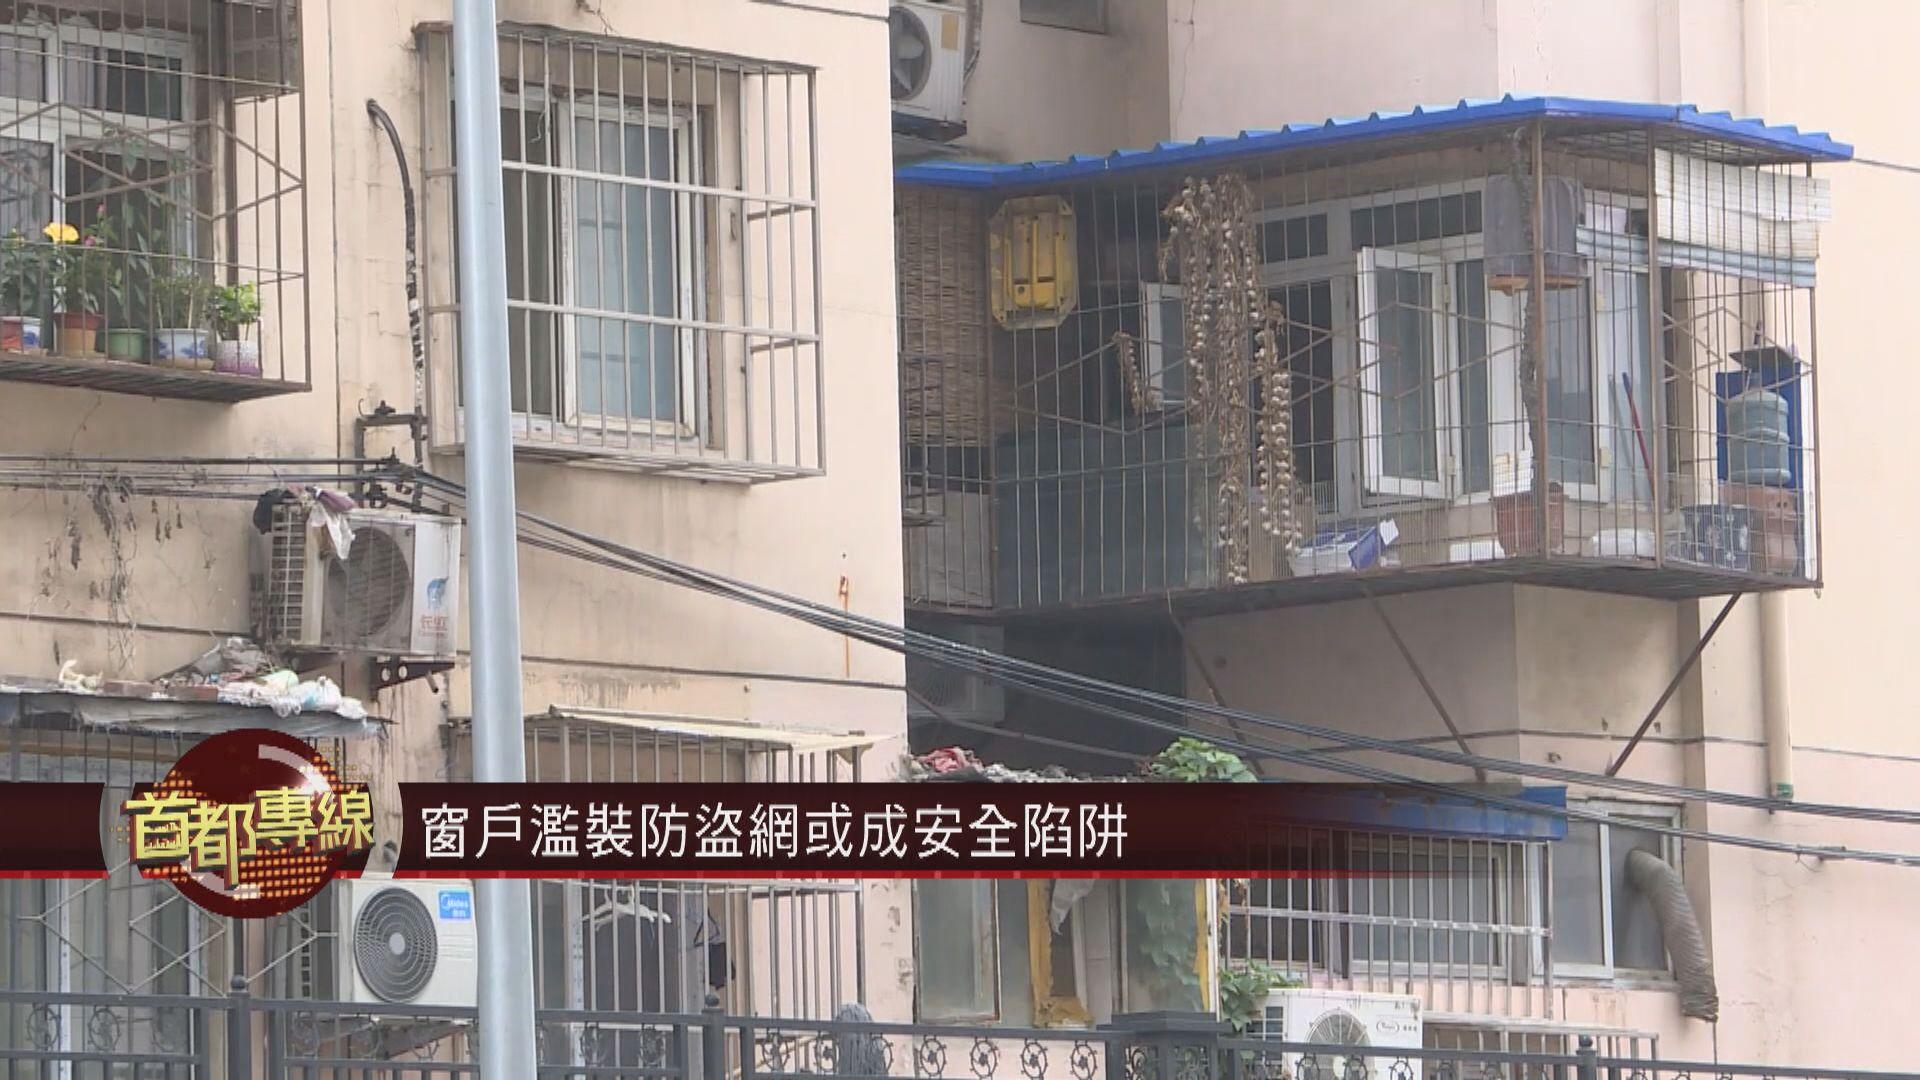 【首都專線】窗戶濫裝防盜網或成安全陷阱